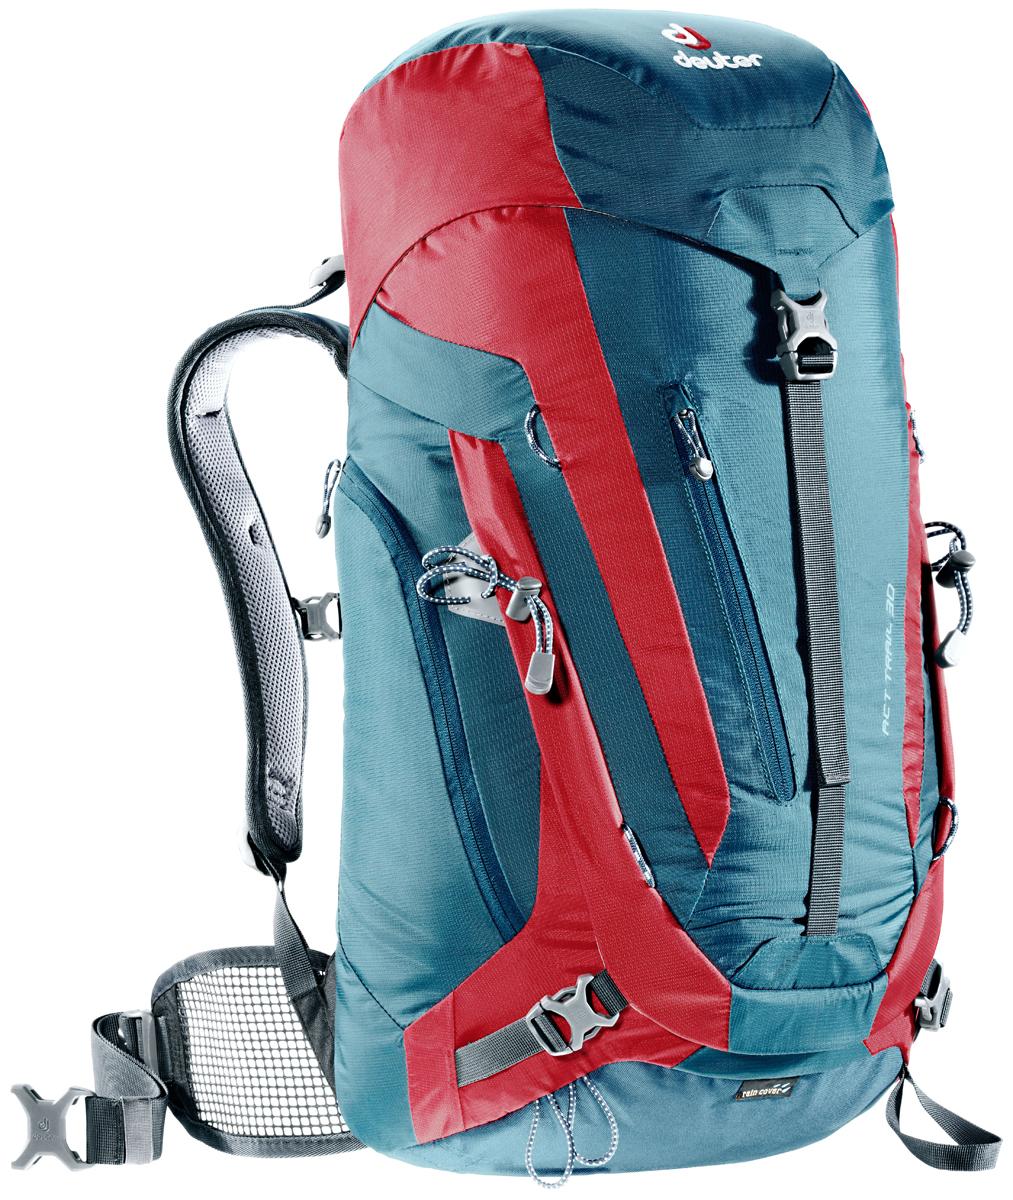 Рюкзак туристический Deuter ACT Trail, цвет: красный, темно-синий, 30 л цена